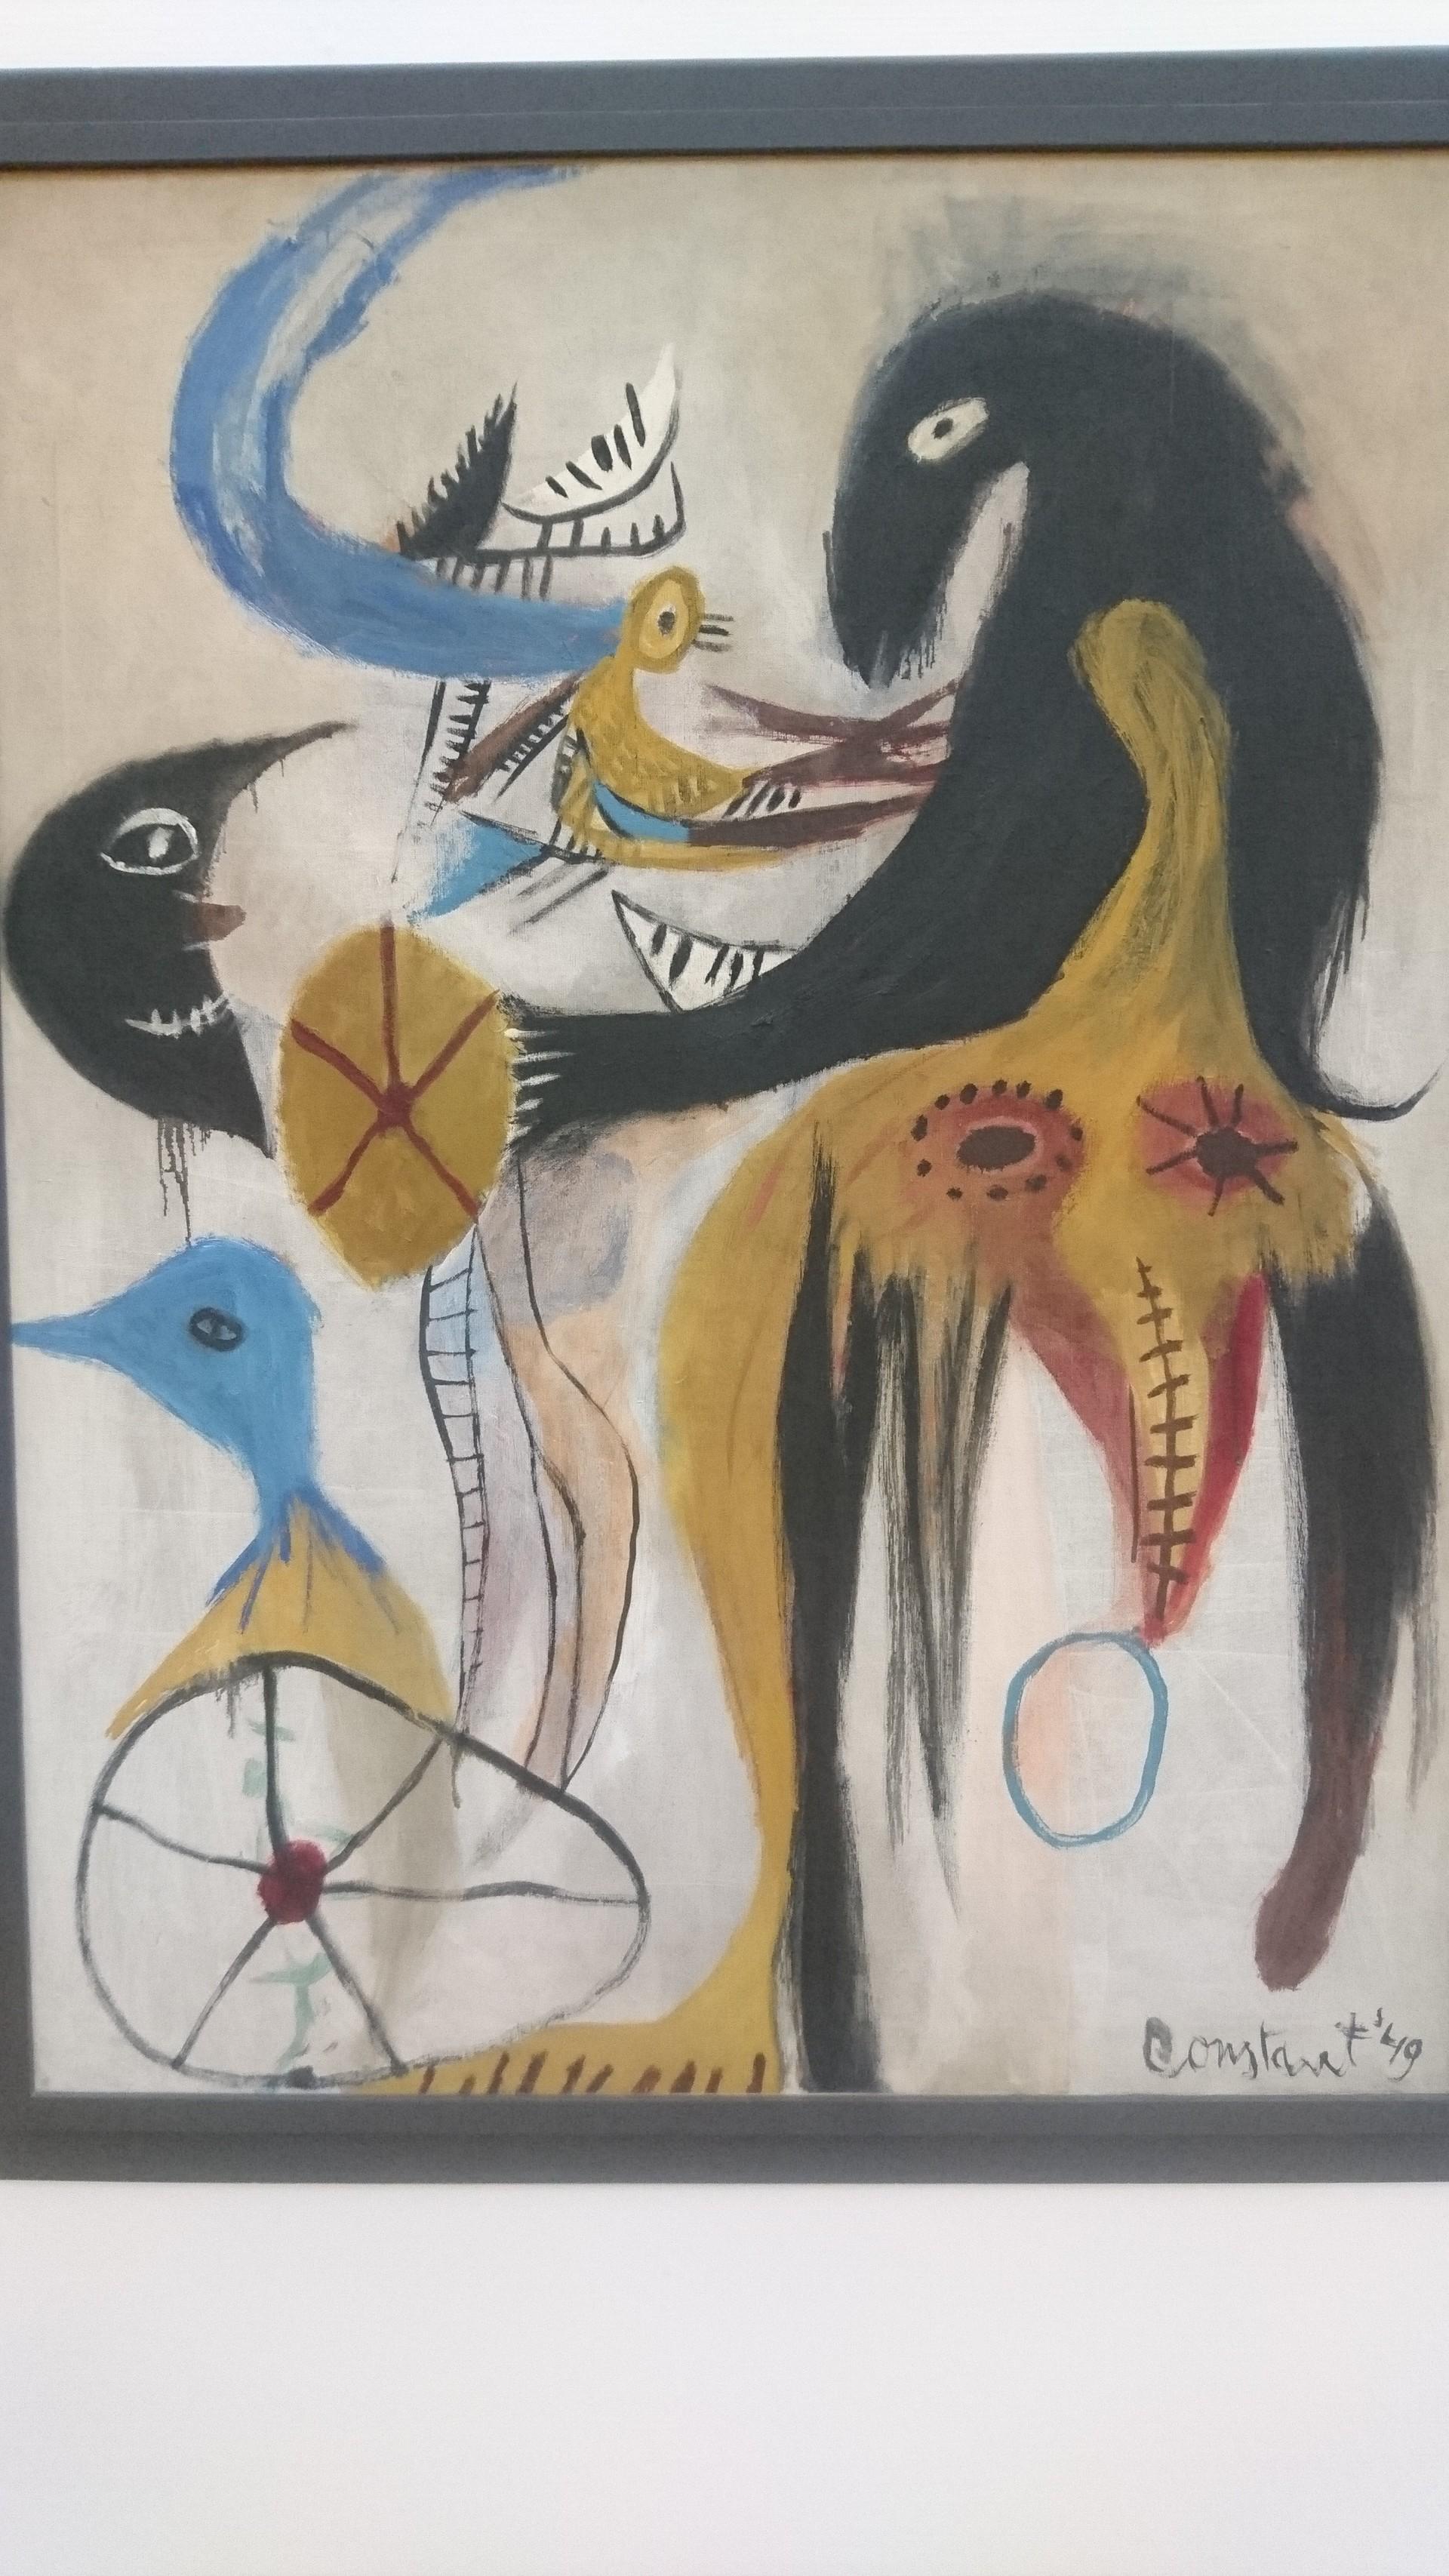 Les incontournables pour les amoureux de l'art